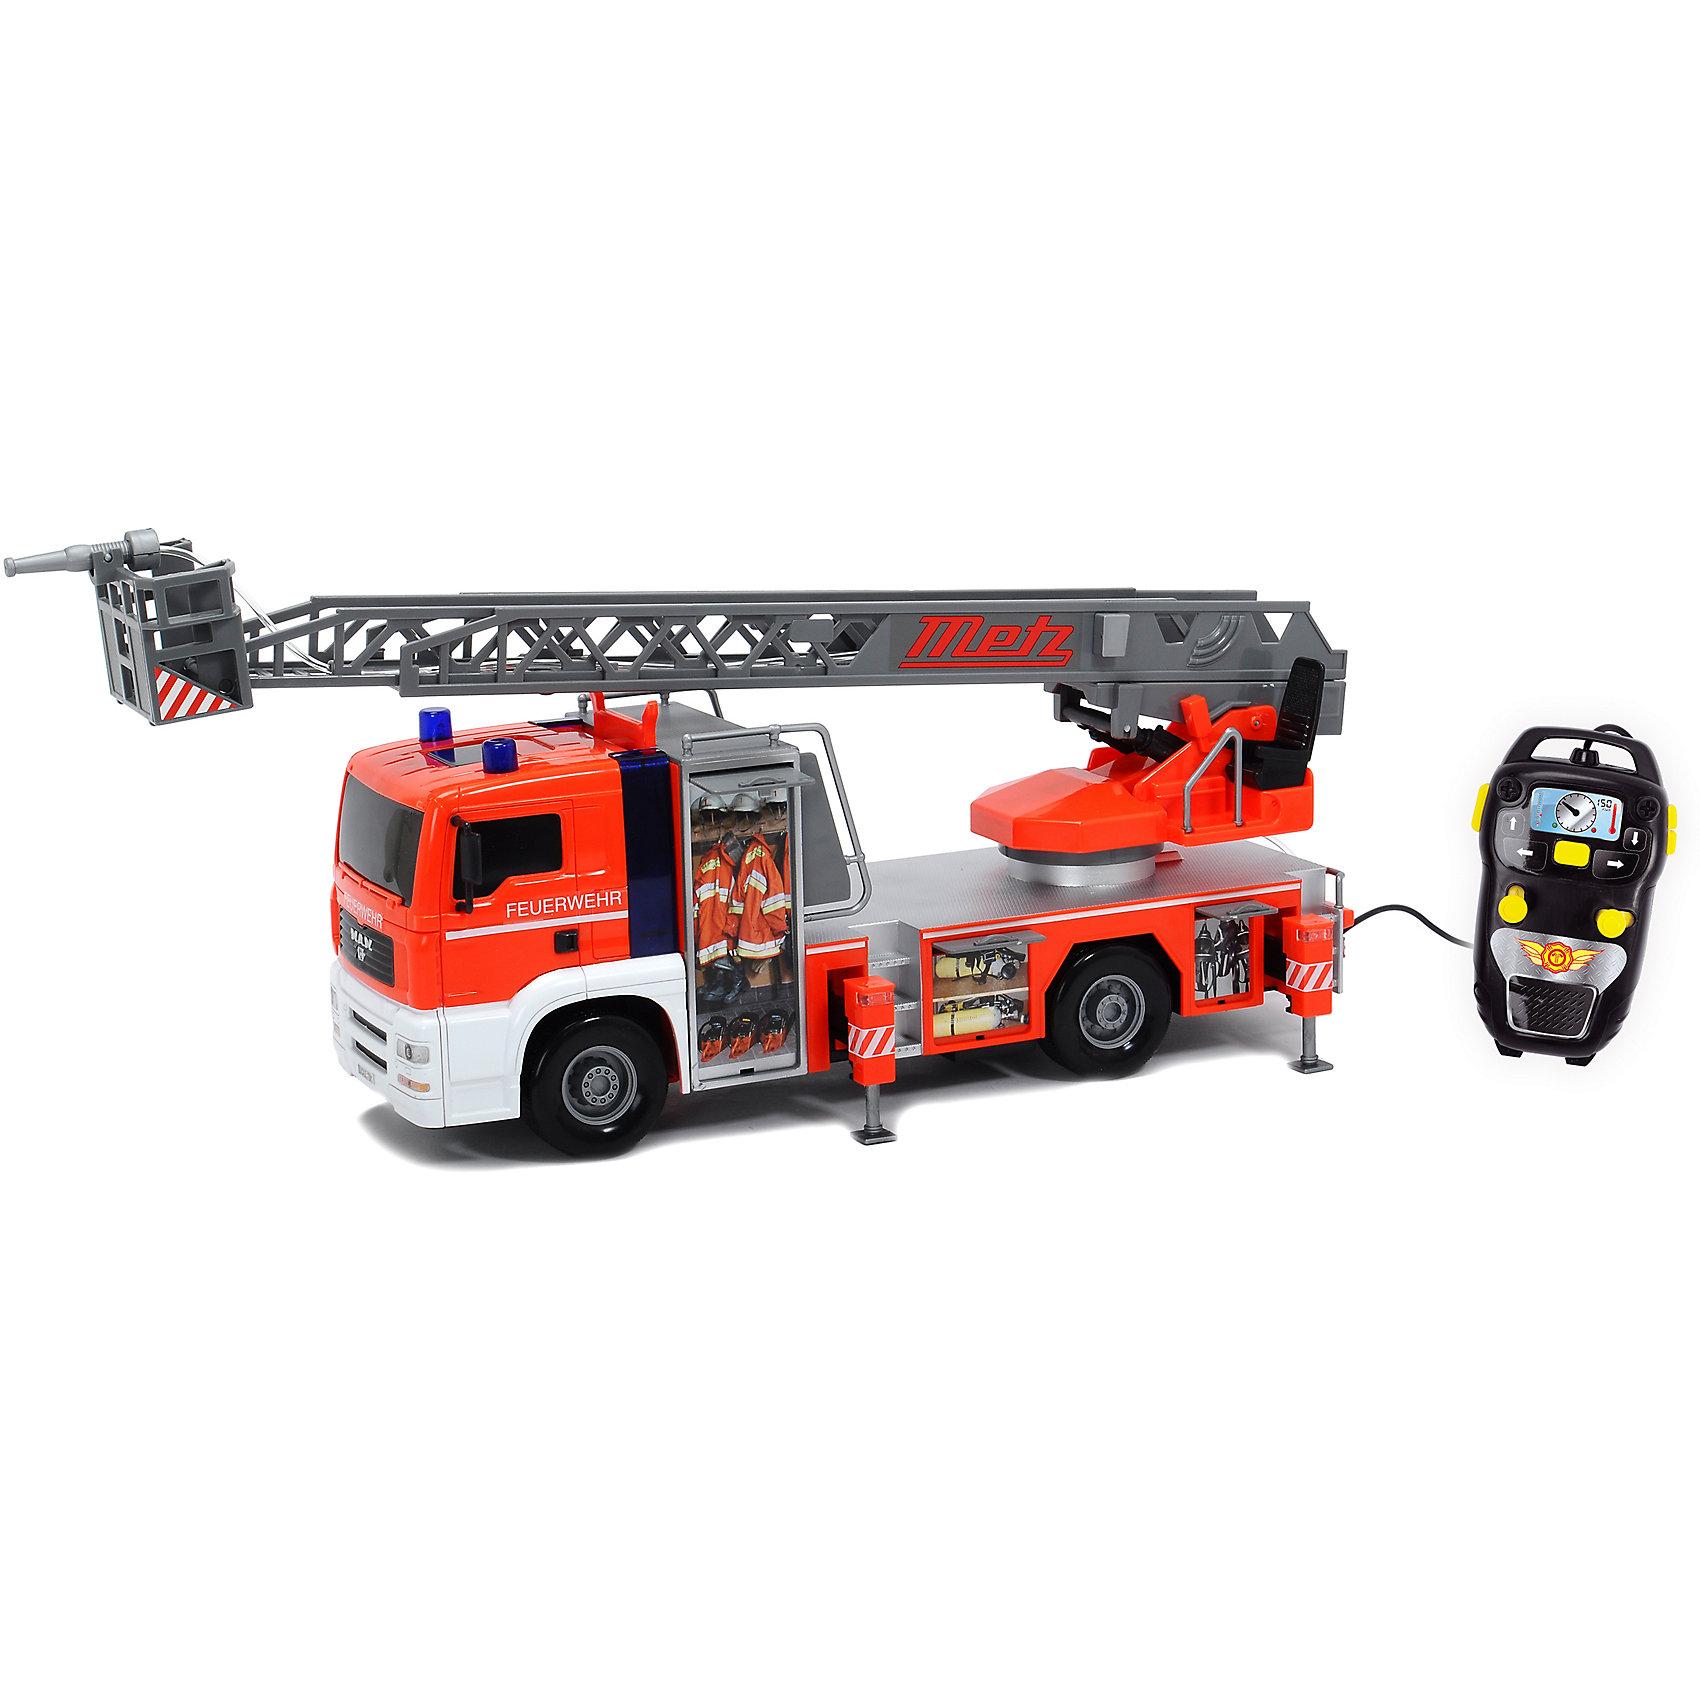 Пожарная машина на д/у, DickieВ такой замечательной машиной ваш ребенок сможет почувствовать себя настоящим пожарным! Машина с подвижными колесами оснащена звуком  пожарной сирены и мигалками. Наверху располагается подвижная лестница с площадкой и брандспойтом, который имеет функцию разбрызгивания воды. Пожарная машина выполнена из высококачественного пластика, с применением экологичных нетоксичных красителей. Управляется с пульта дистанционного управления. <br><br>Дополнительная информация:<br><br>- Материал: пластик, металл.<br>- Размер: 50 см.<br>- Подвижные колеса.<br>- Подвижная пожарная вышка. <br>- Функция разбрызгивания воды.<br>- Управляется с пульта ДУ.<br>- Световые, звуковые эффекты.<br>- Элемент питания: 4 АА батарейки (в комплекте).<br><br>Пожарную машину на д/у, Dickie (Дикки), можно купить в нашем магазине.<br><br>Ширина мм: 590<br>Глубина мм: 260<br>Высота мм: 170<br>Вес г: 2300<br>Возраст от месяцев: 36<br>Возраст до месяцев: 84<br>Пол: Мужской<br>Возраст: Детский<br>SKU: 4582752